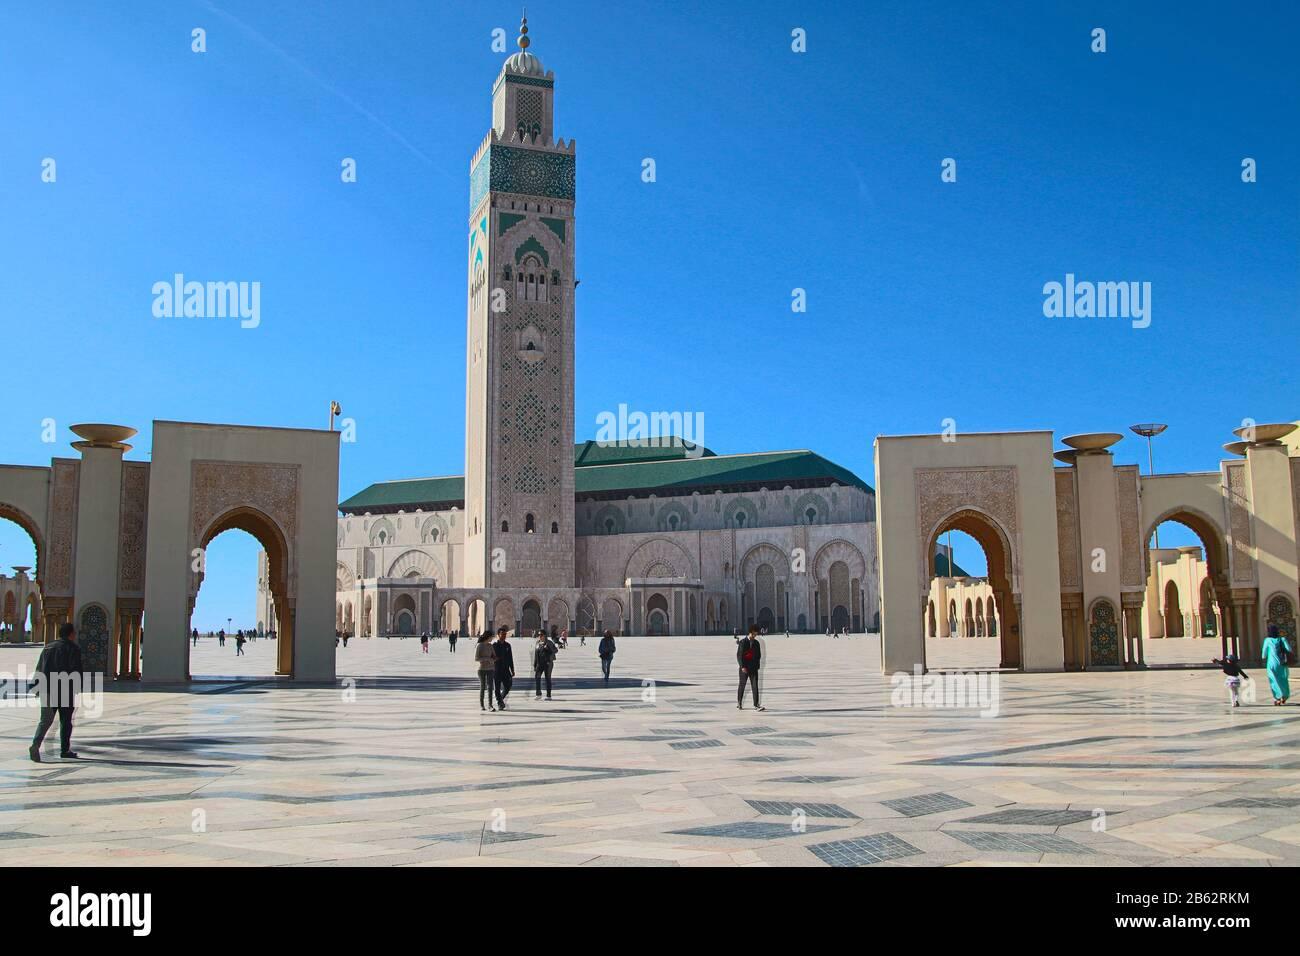 The beautifull. Hassan II Moschee, Casablanca, Marokko Stock Photo